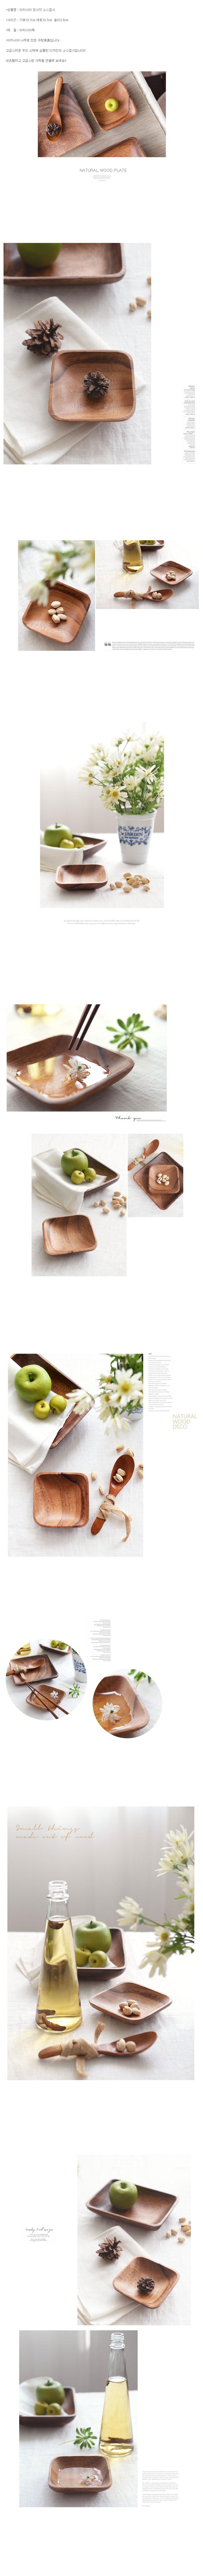 아카시아 정사각 소스접시1p - 안나하우스, 2,300원, 접시/찬기, 접시